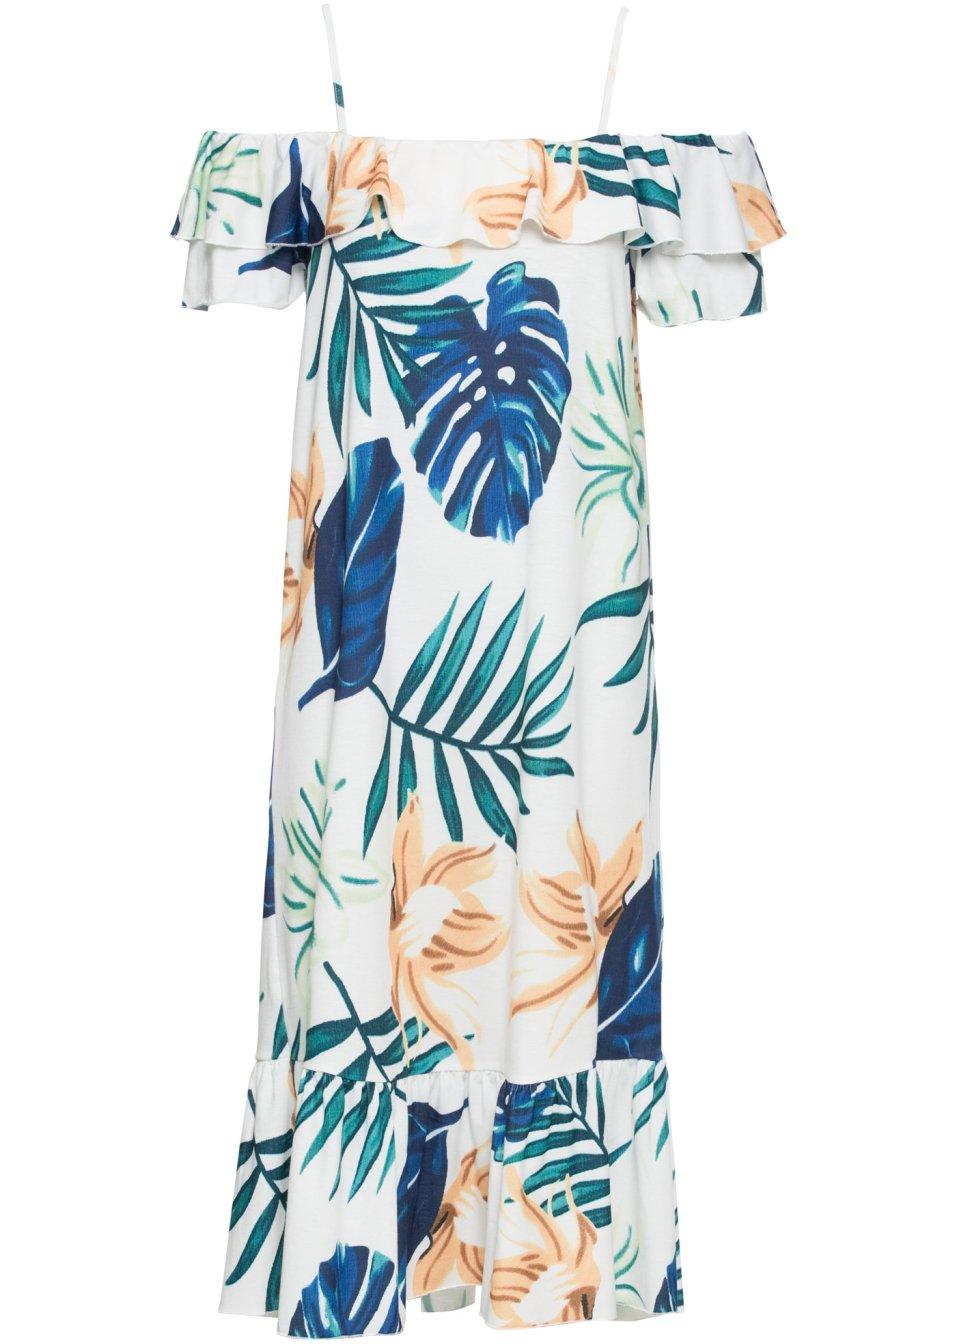 Cold-Shoulder-Kleid mit Volants mit geradem Saum - wollweiß geblümt N2iiv cJHLJ